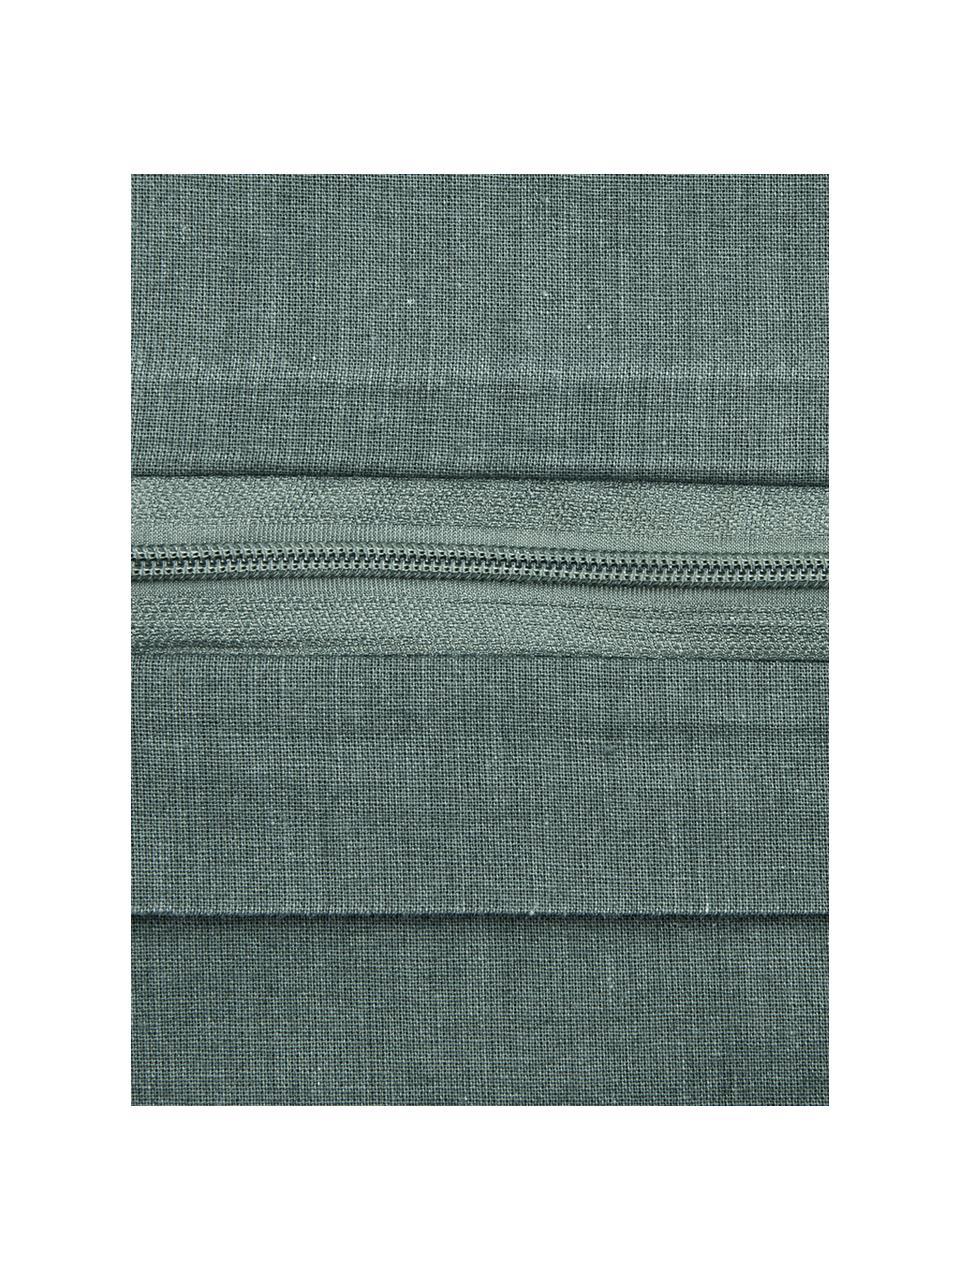 Pościel z bawełny z efektem sprania Arlene, Ciemnyzielony, 135 x 200 cm + 1 poduszka 80 x 80 cm